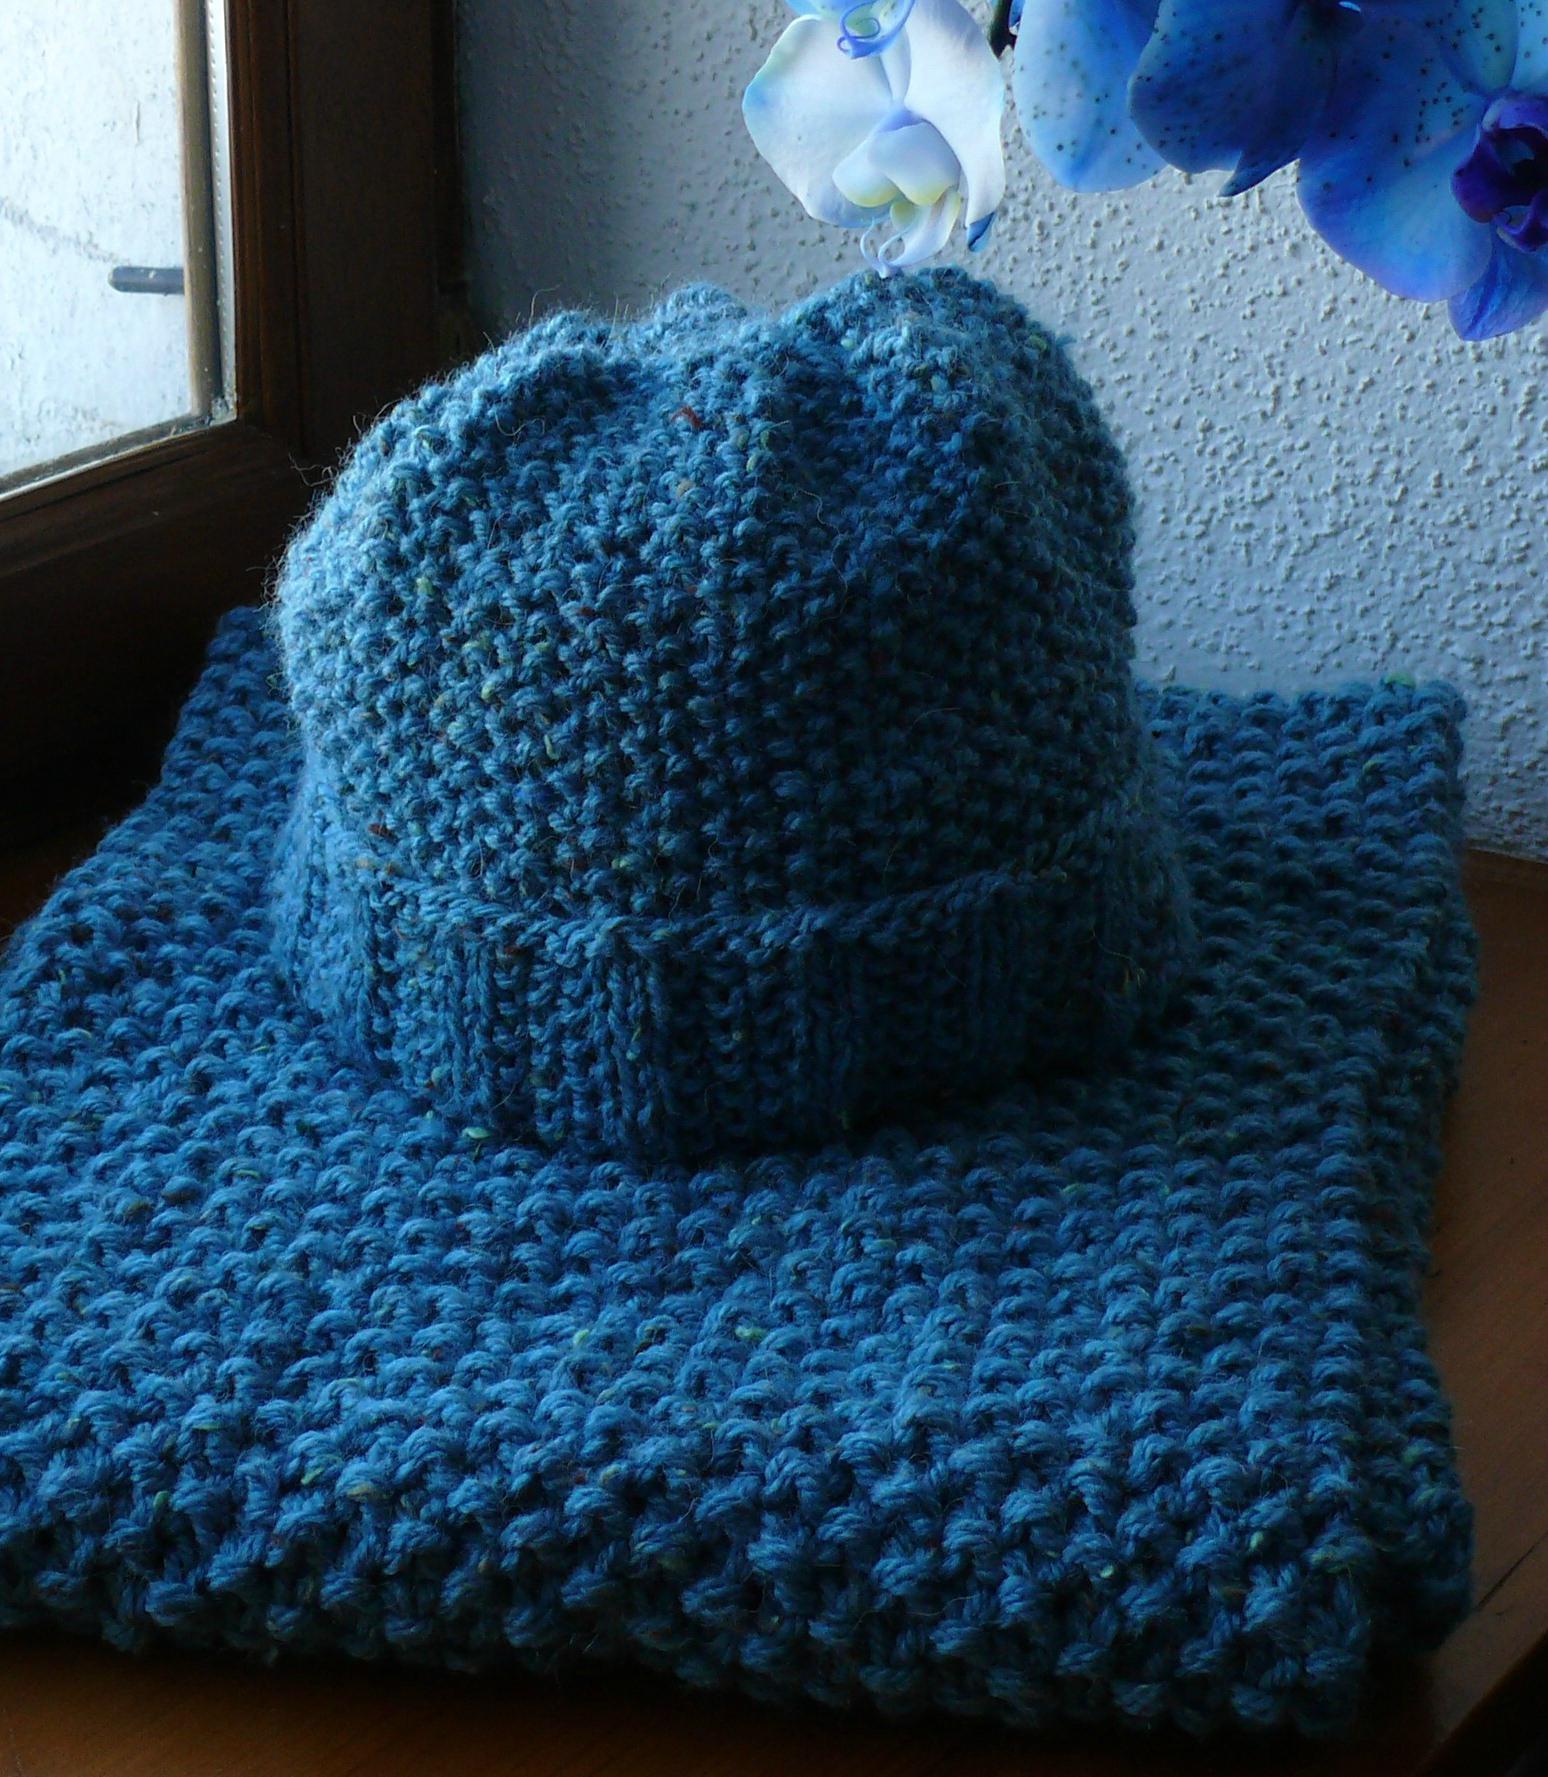 Mod le tricot echarpe pour debutant - Modele tricot bebe gratuit debutant ...